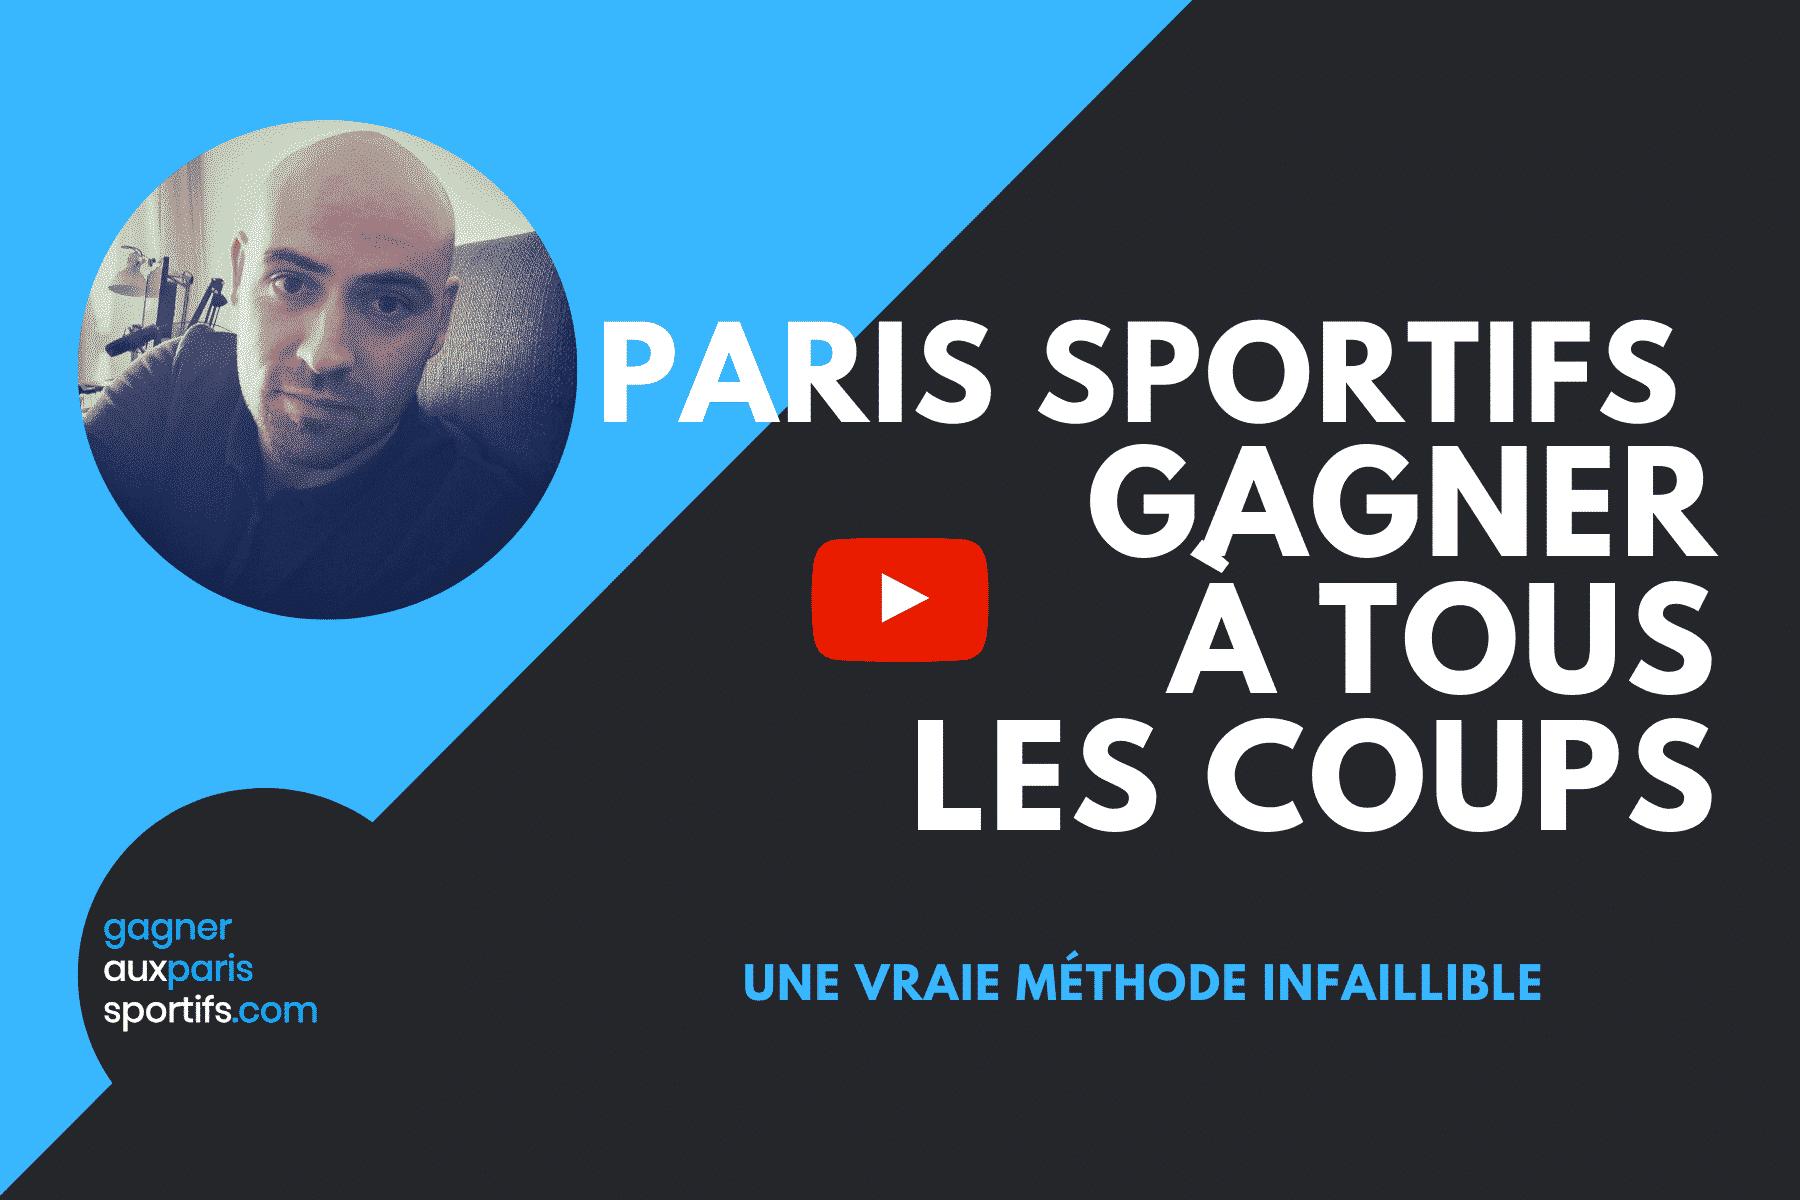 Paris-sportifs-Gagner-à-tous-les-coups-avec-les-paris-gratuits.png